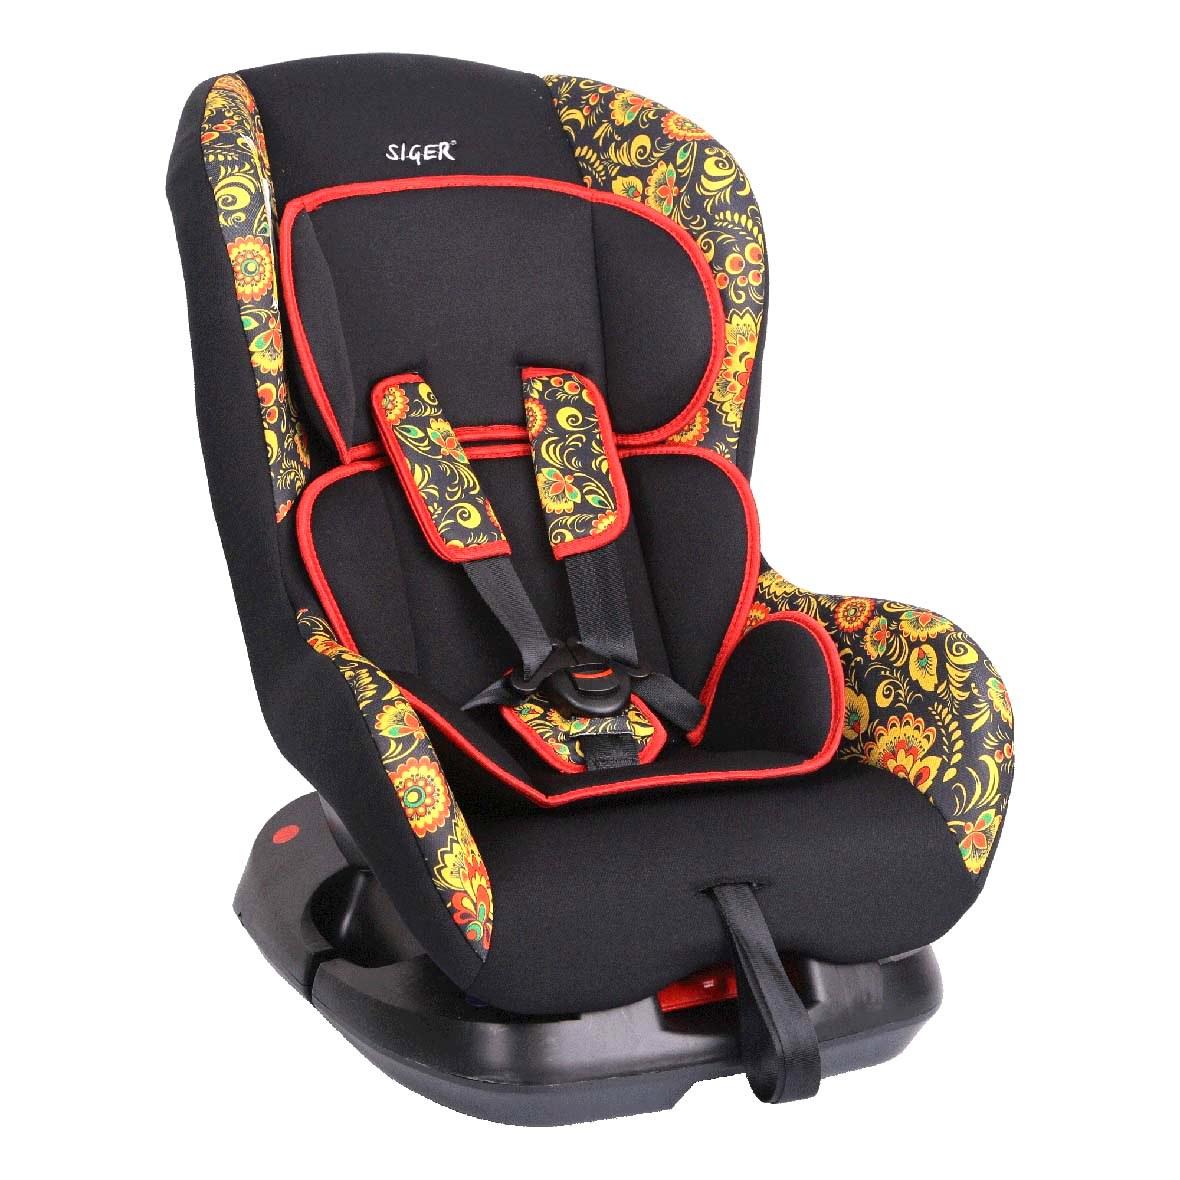 Кресло детское автомобильное SigerДетские автокресла<br>Группа: 0/1 (до 18 кг),<br>Внутренние ремни: есть,<br>Способ установки: лицом вперед,<br>Регулировка наклона спинки: есть,<br>Регулировка внутренних ремней: есть,<br>Съемный чехол: есть<br>